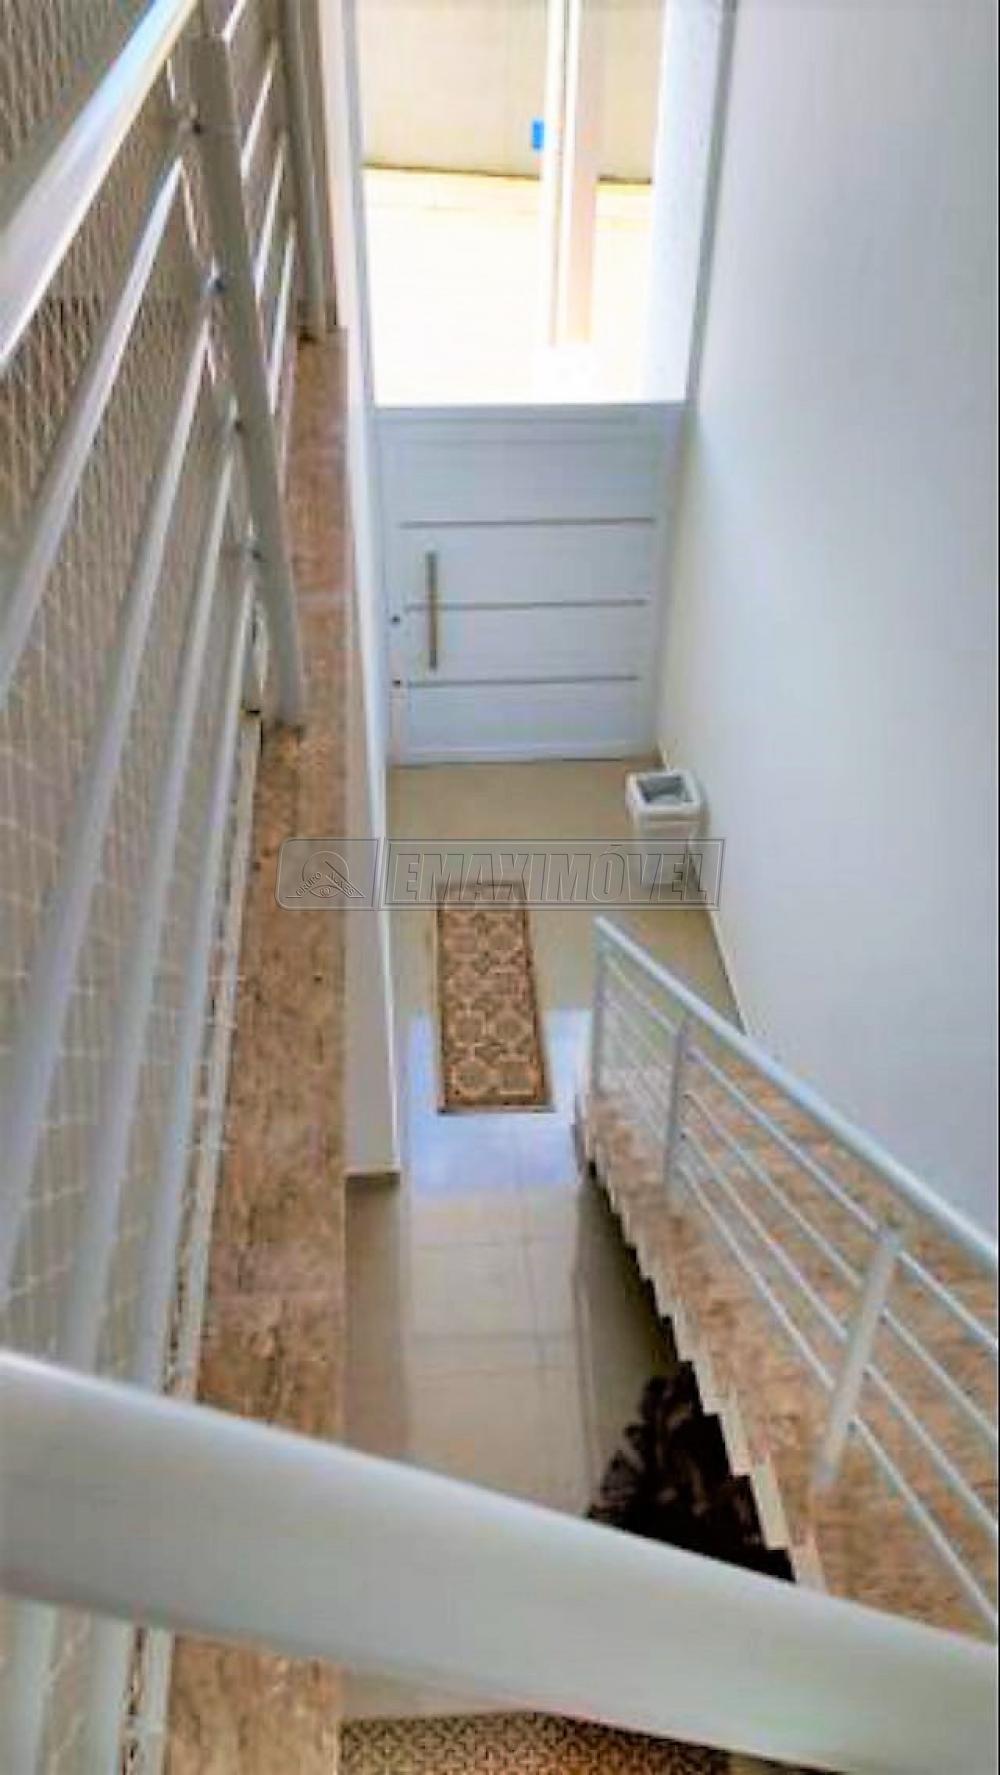 Comprar Casas / em Condomínios em Sorocaba apenas R$ 640.000,00 - Foto 6